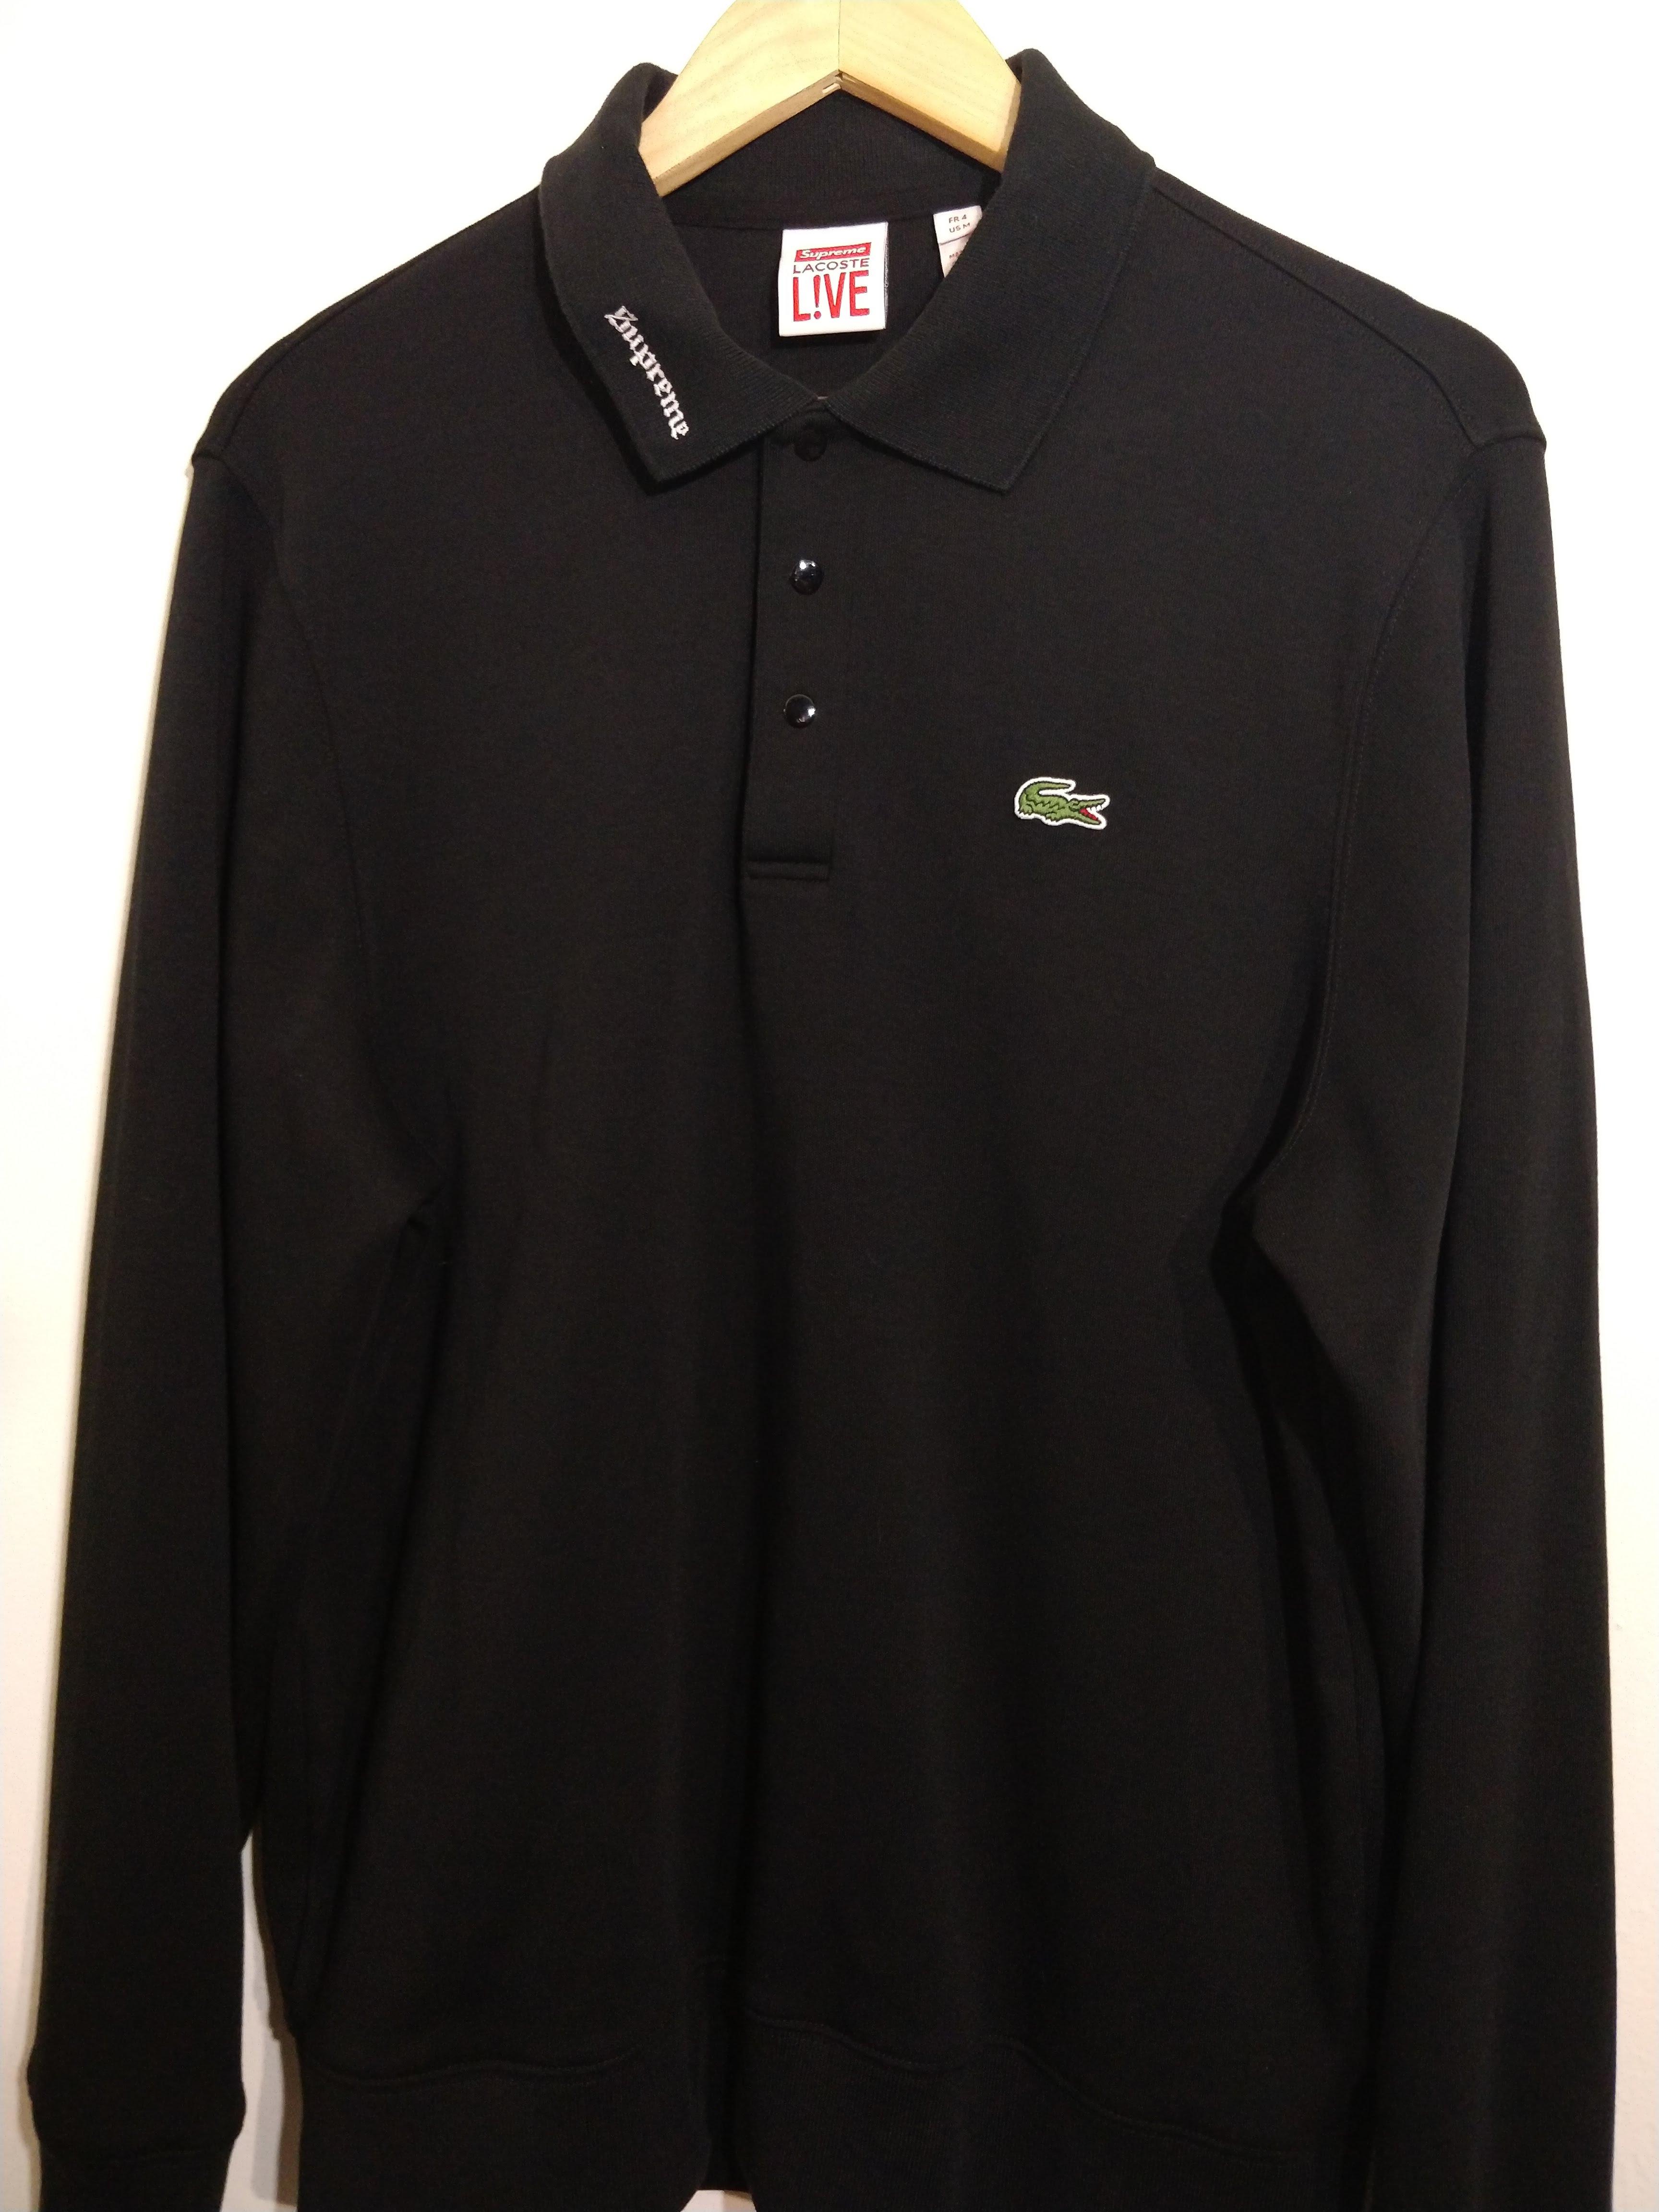 74d2c50ee93d Supreme × Lacoste ×. Supreme x Lacoste Long Sleeve Polo. Size: US M / EU 48-50  ...